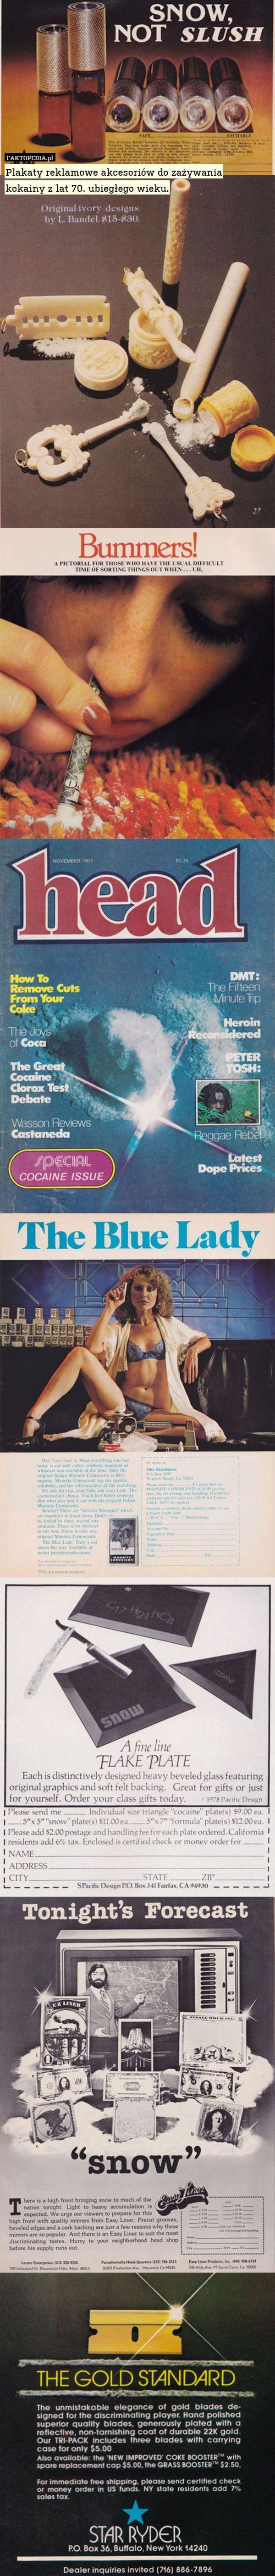 Plakaty reklamowe akcesoriów do zażywania kokainy z lat 70. ubiegłego wieku. – Plakaty reklamowe akcesoriów do zażywania kokainy z lat 70. ubiegłego wieku.